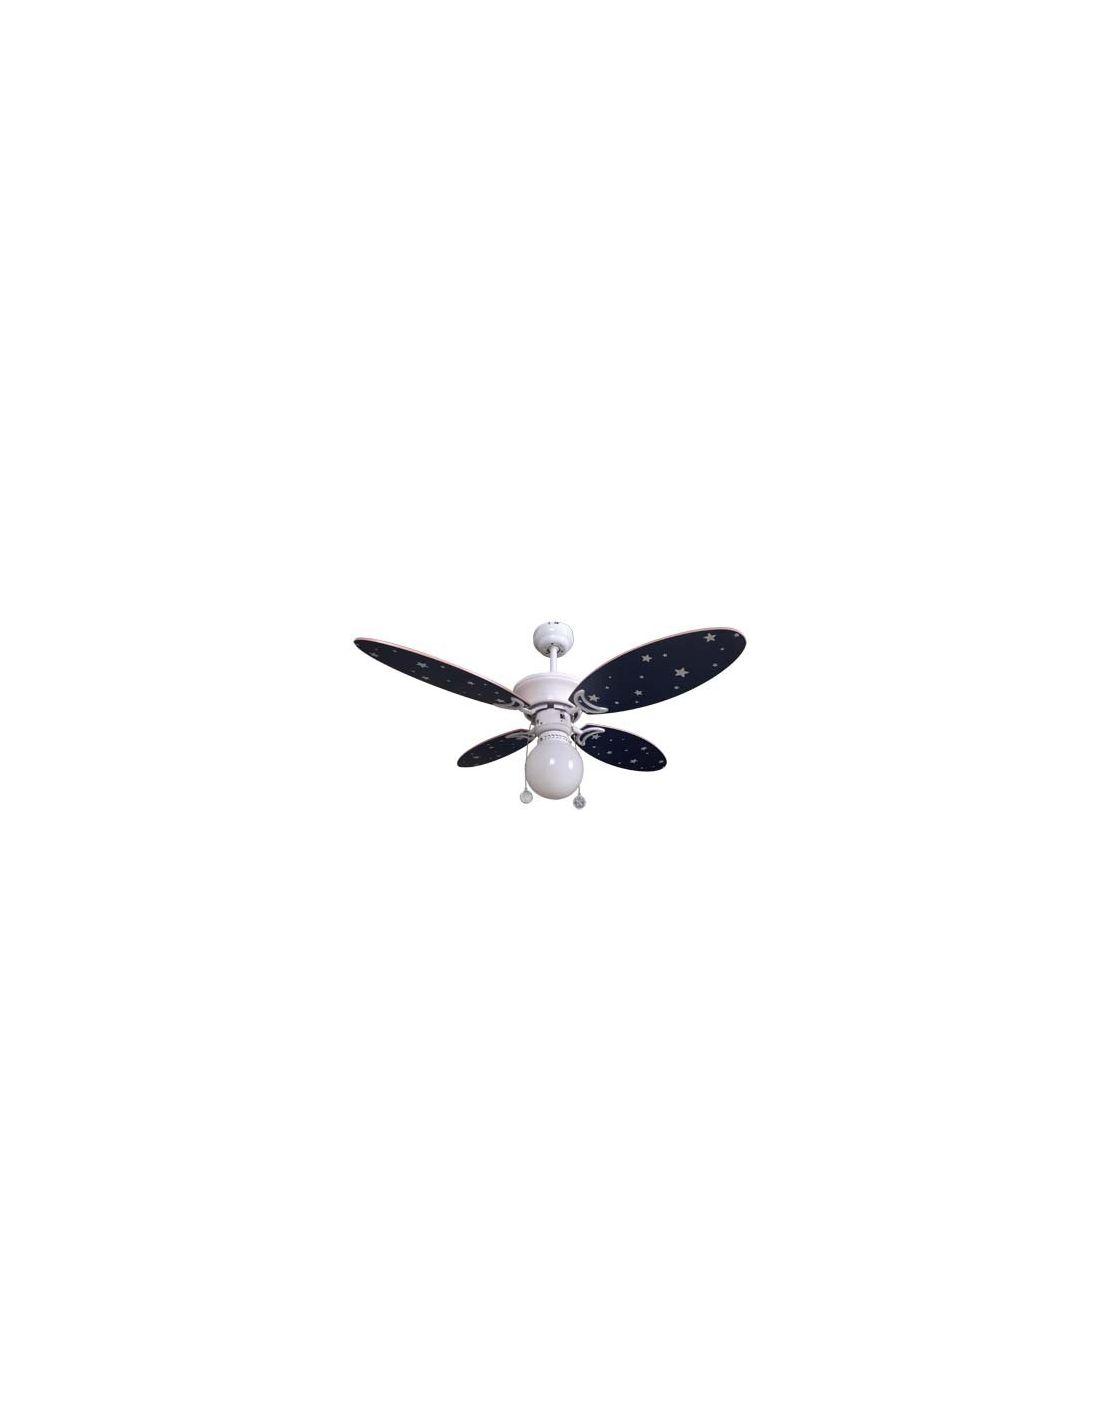 Venta de ventiladores de techo tienda de ventiladores de - Lampara ventilador infantil ...